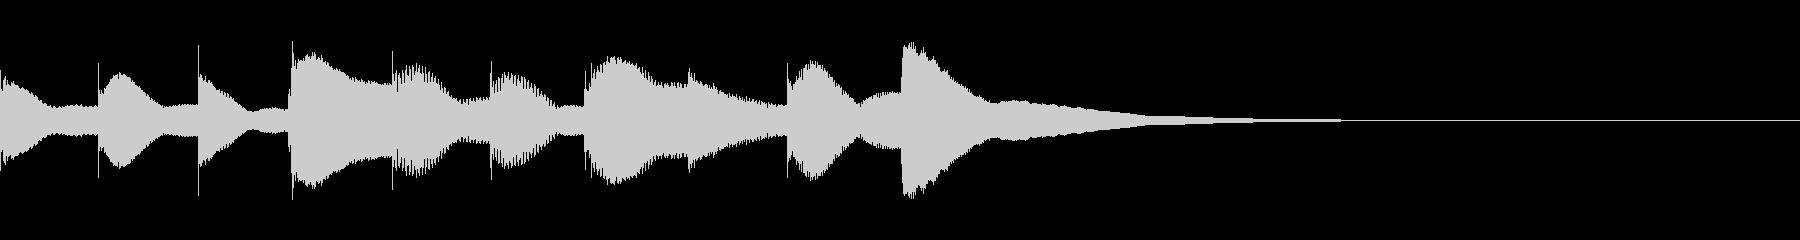 ジングル用オルゴール楽曲02-2の未再生の波形